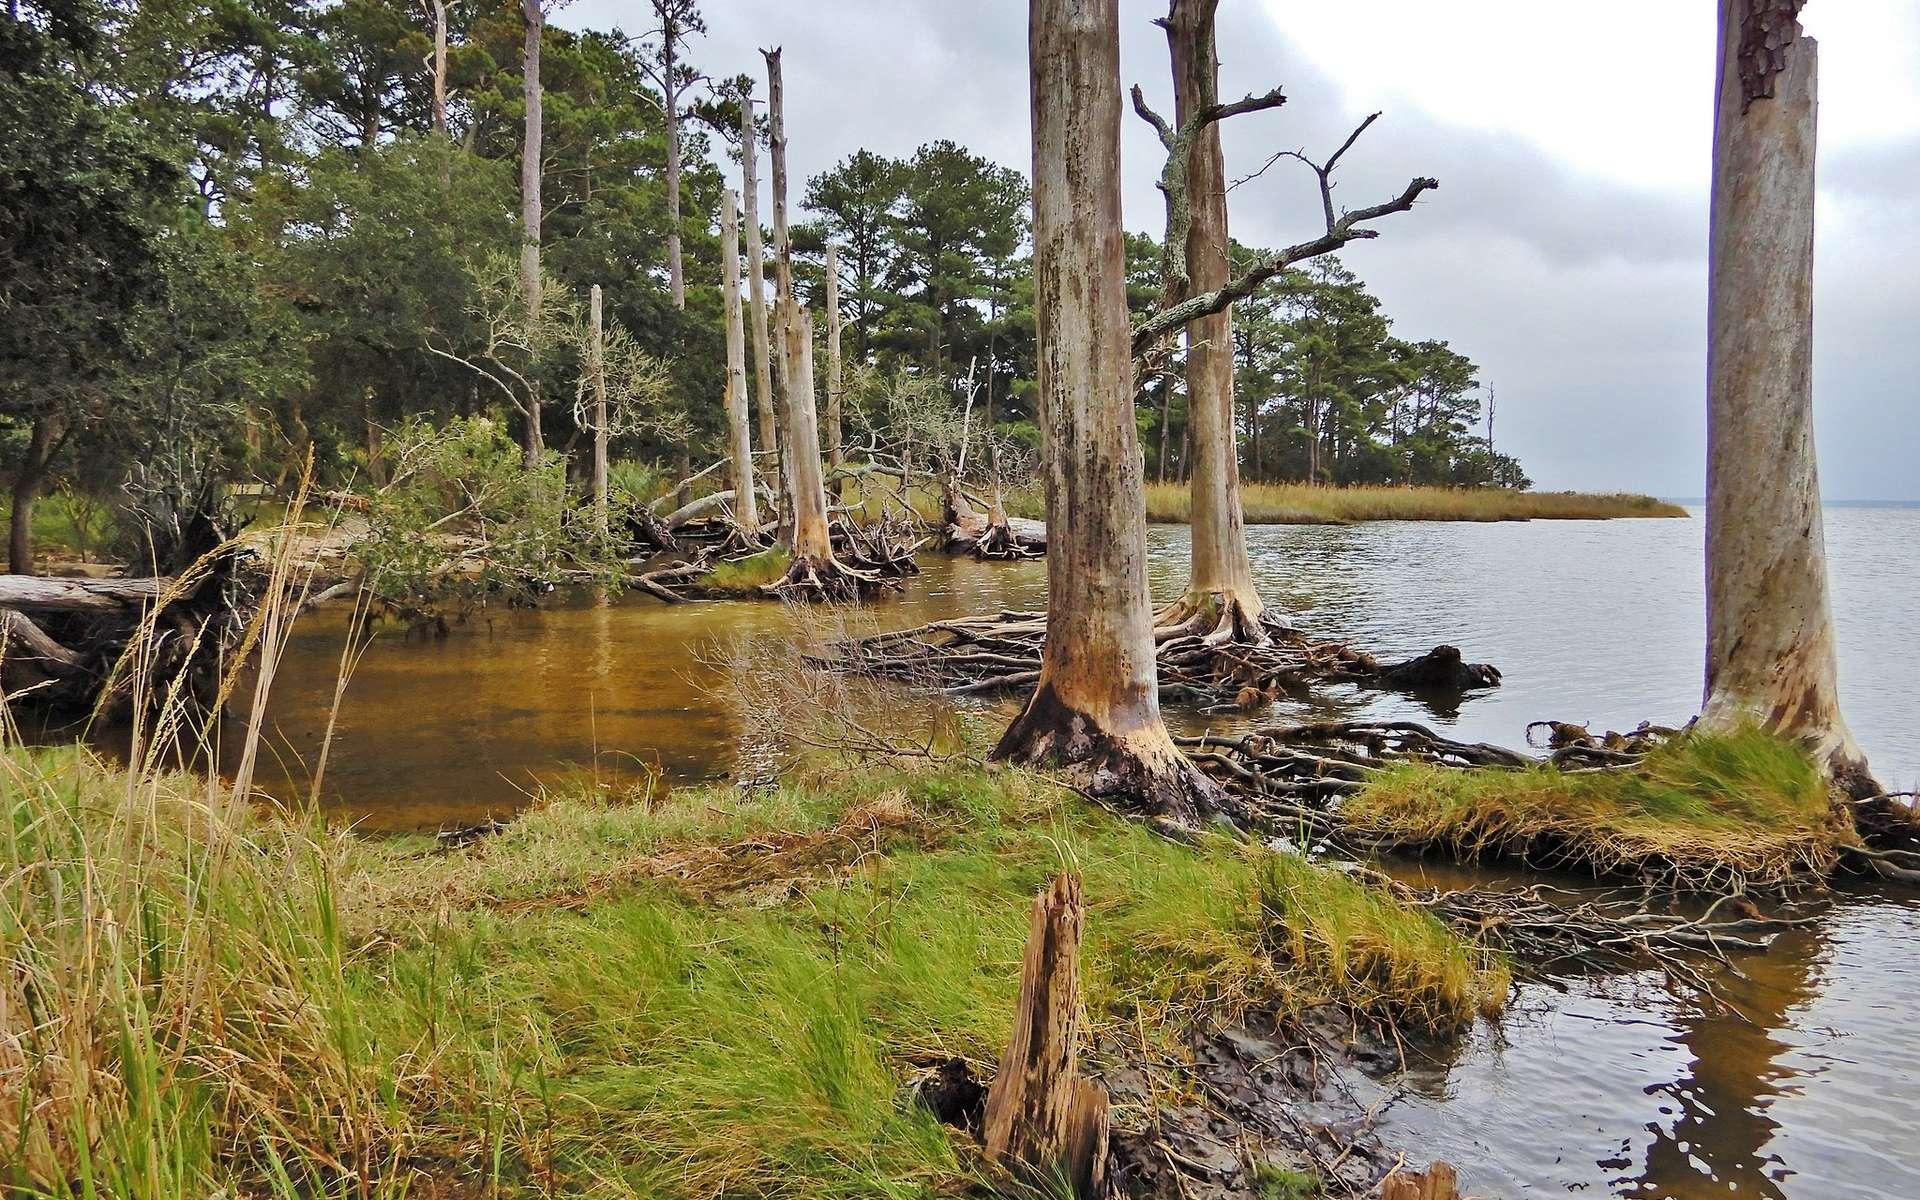 Une « forêt fantôme » envahie par l'eau salée sur les côtes de Caroline du Nord. © NCWetlands, Flickr